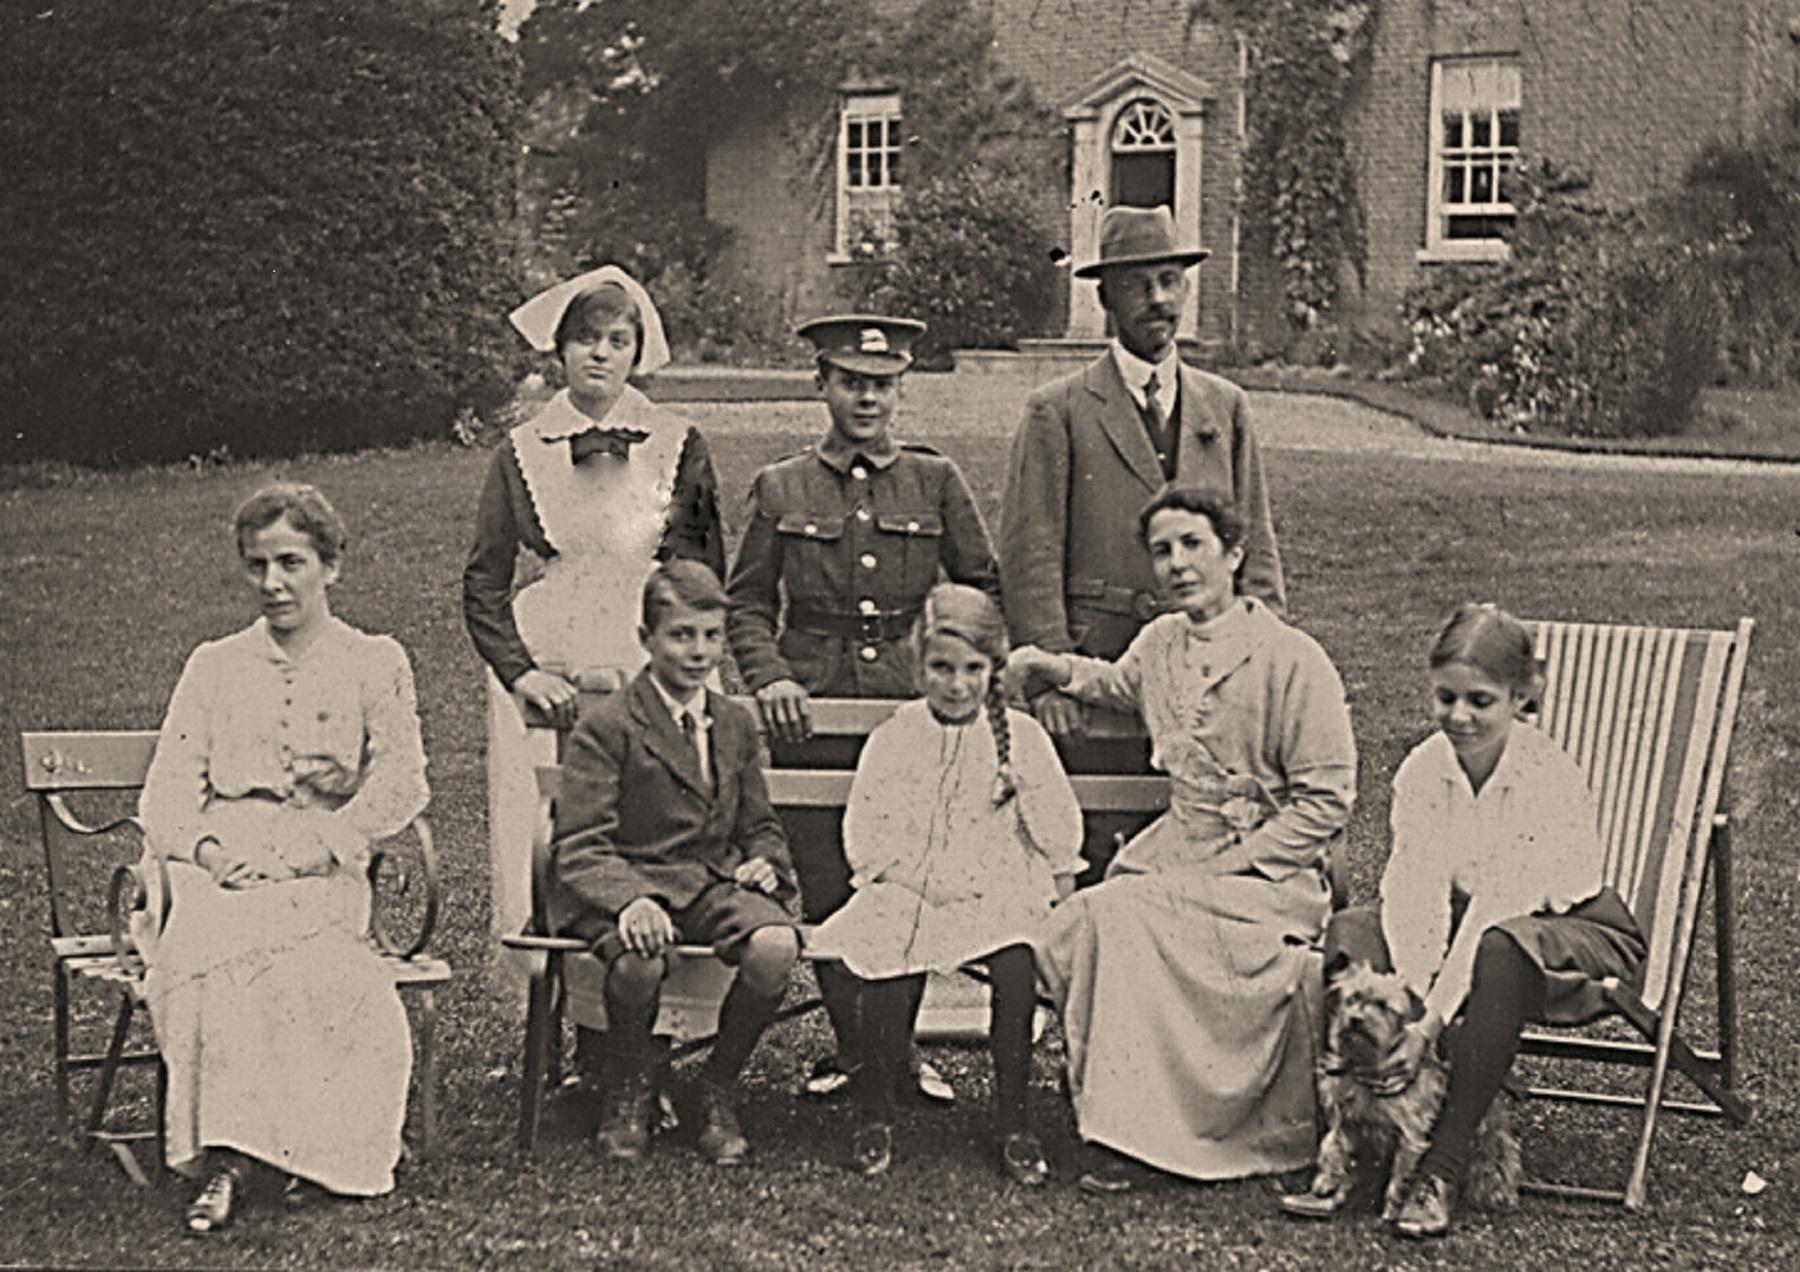 Elms_in_about_1912.jpg